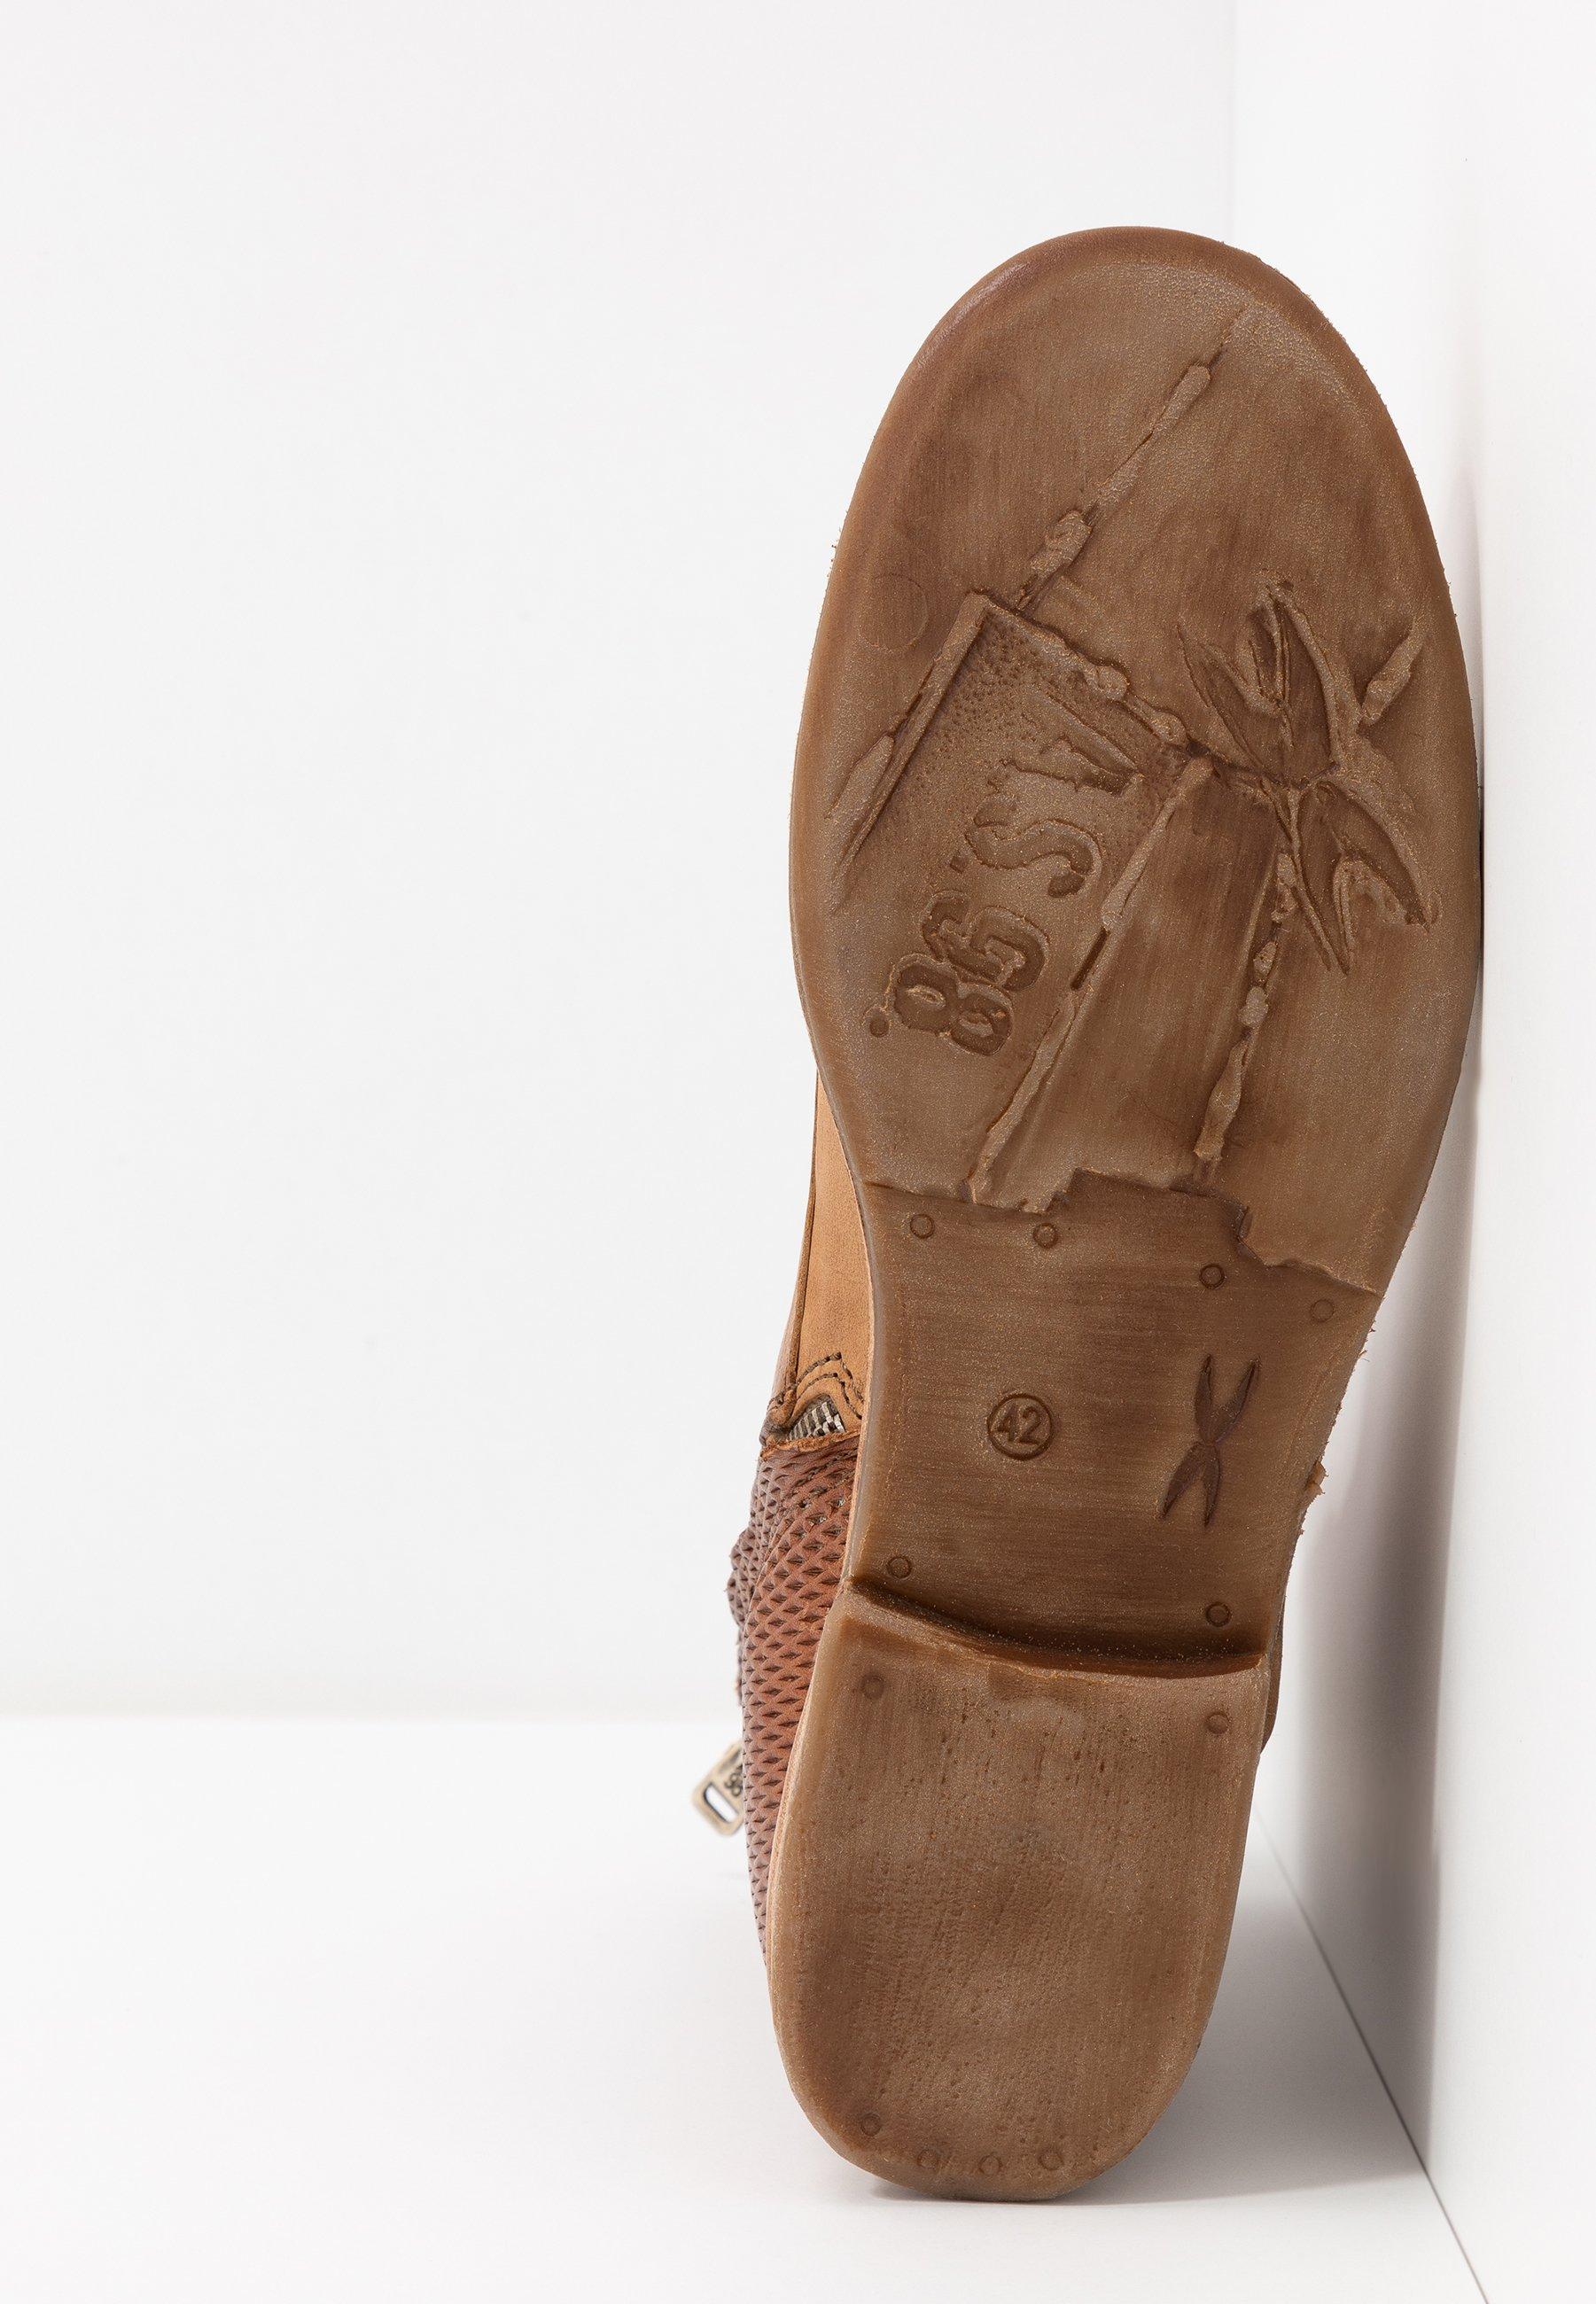 A.S.98 Lace-up ankle boots - cognac